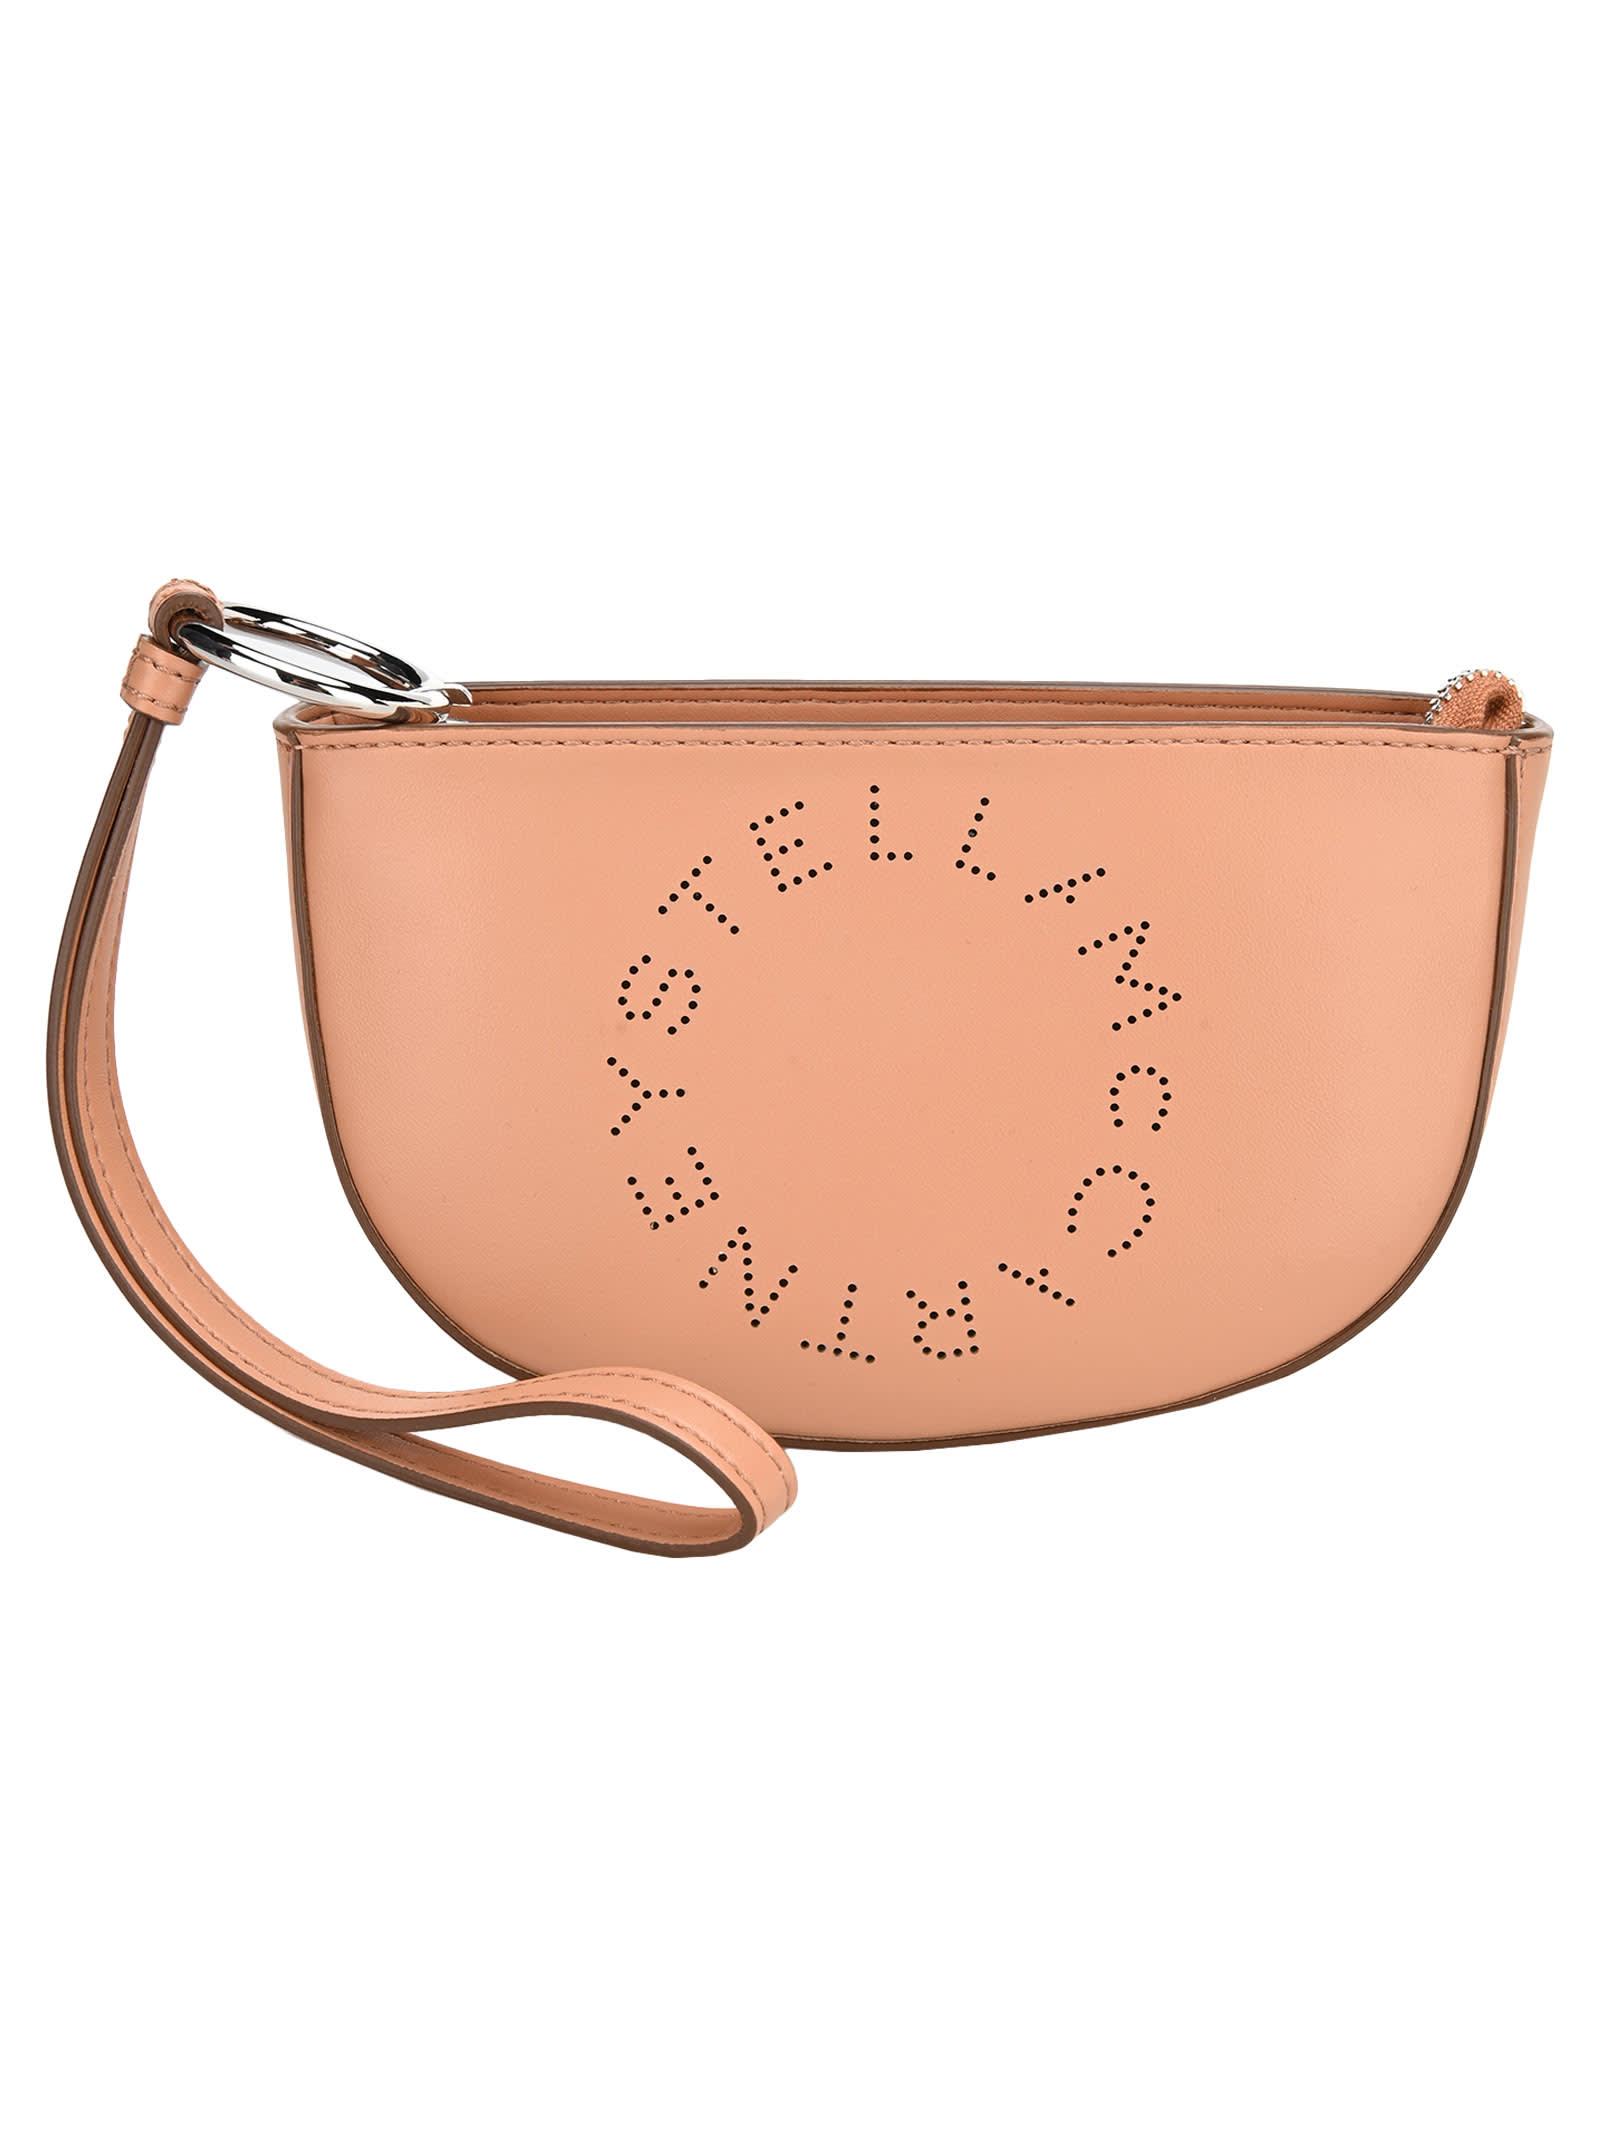 Stella Mccartney Logo Marlee Clutch Bag In Camel